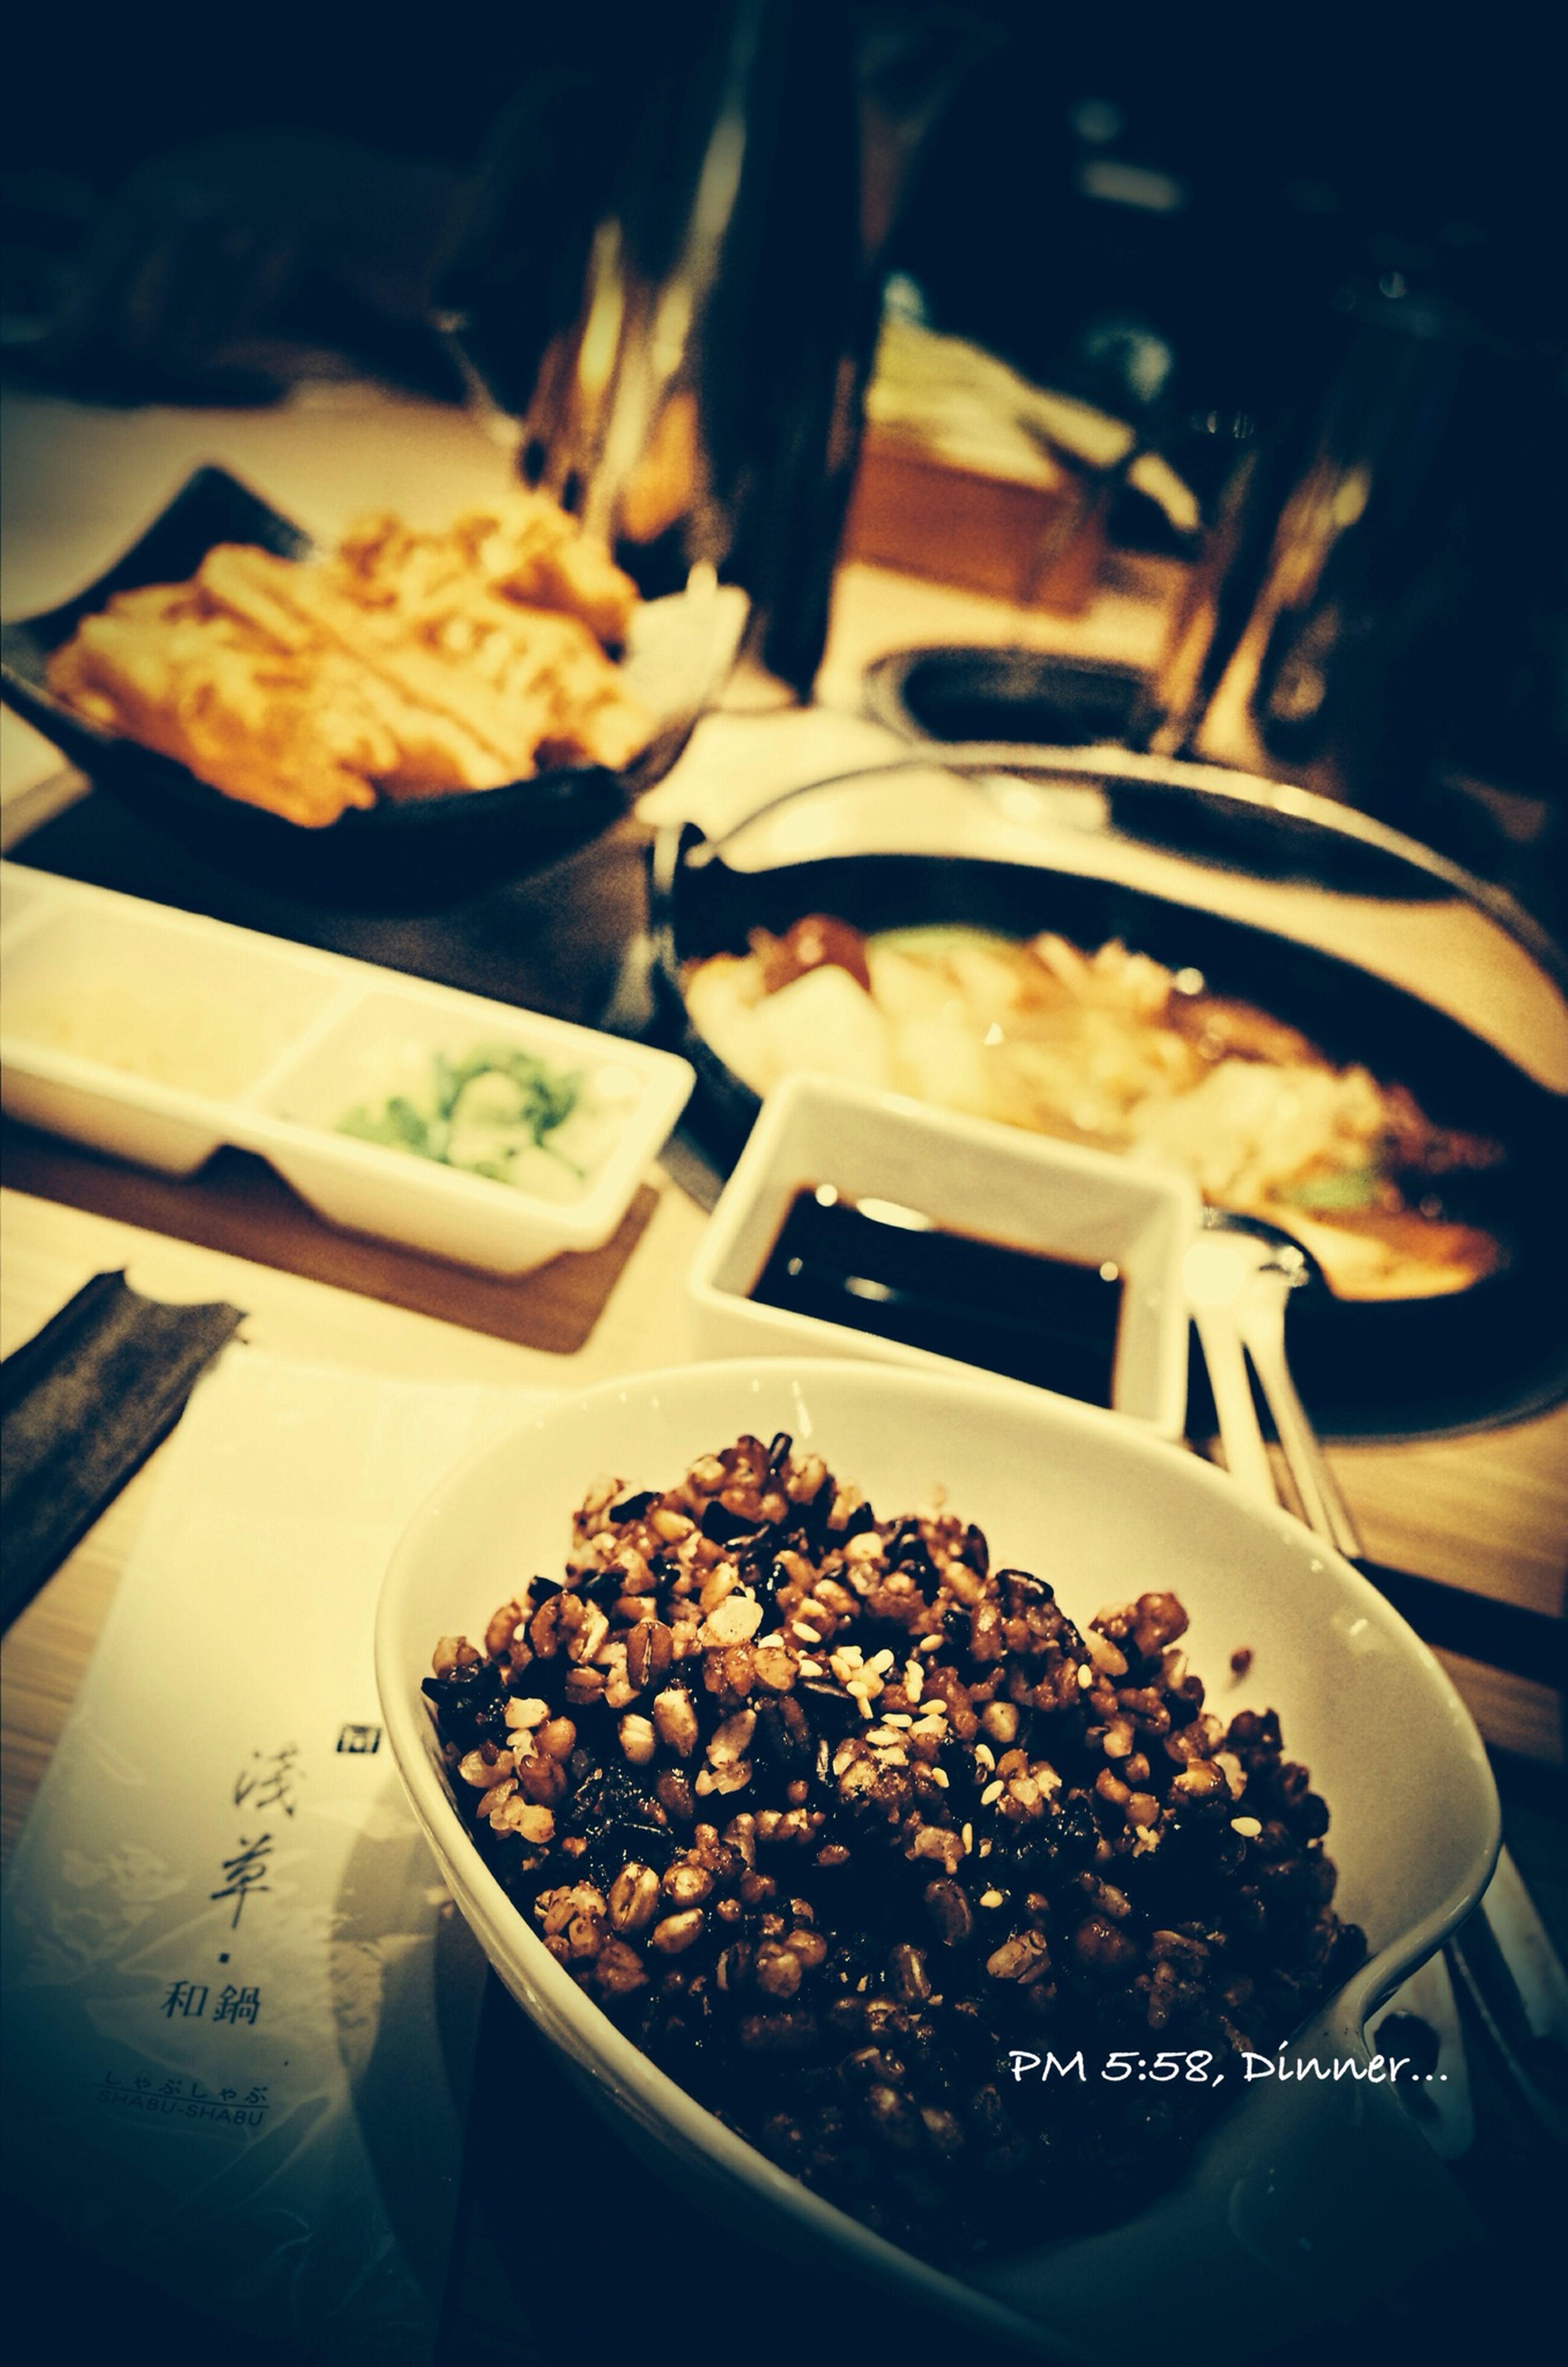 PM 5:58 桃園。淺草和鍋, 和家人晚餐中... Taoyuan City Family Dinner Yummy